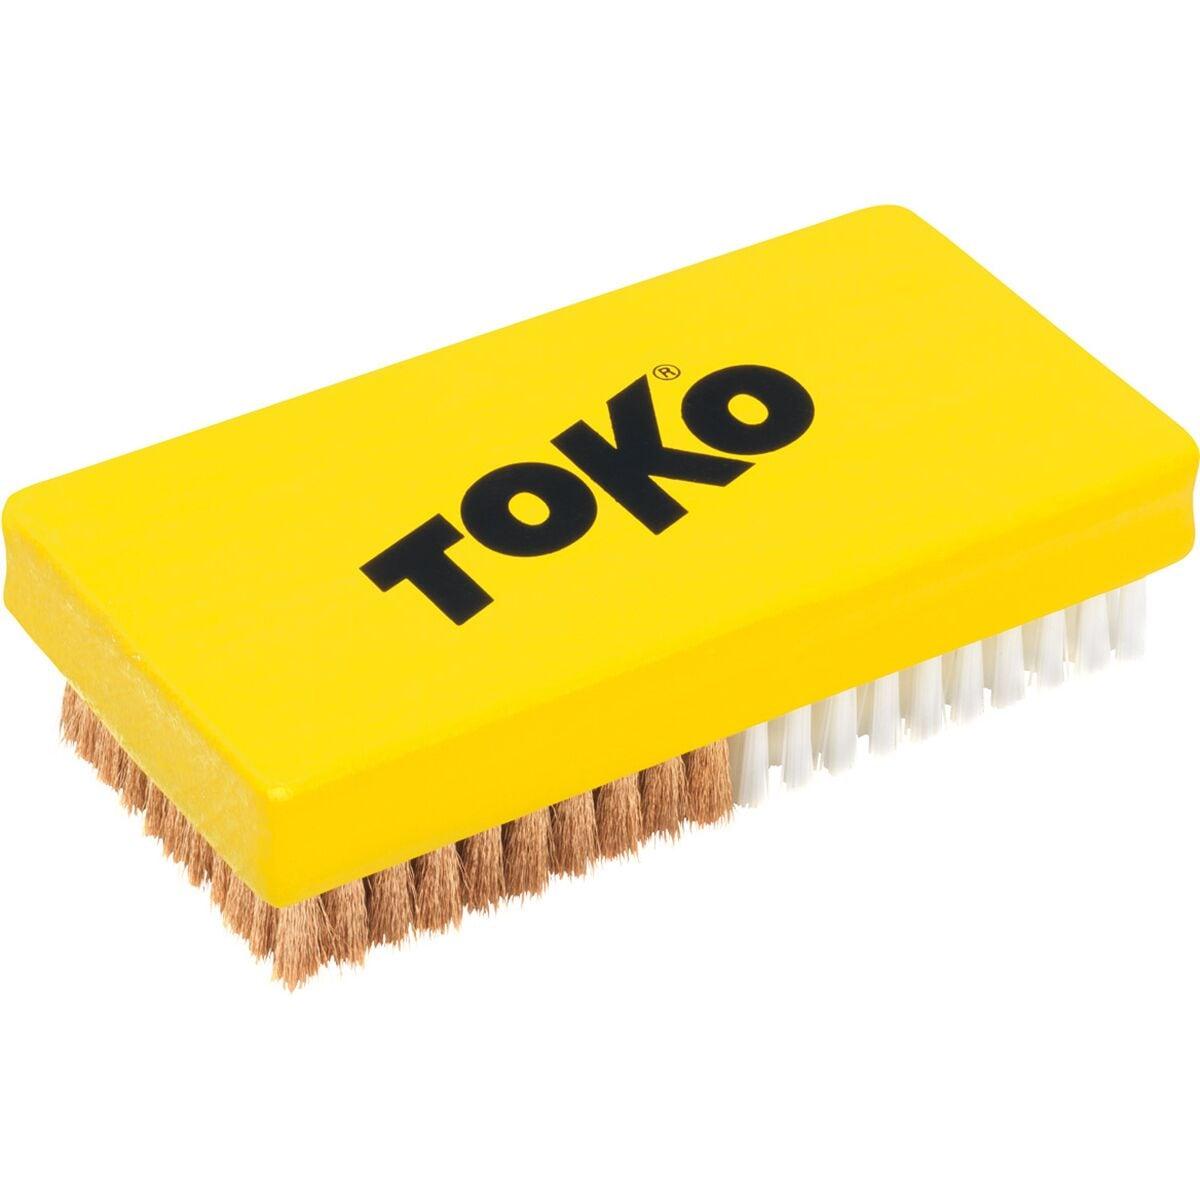 Toko Base Brush Nylon Copper One Size